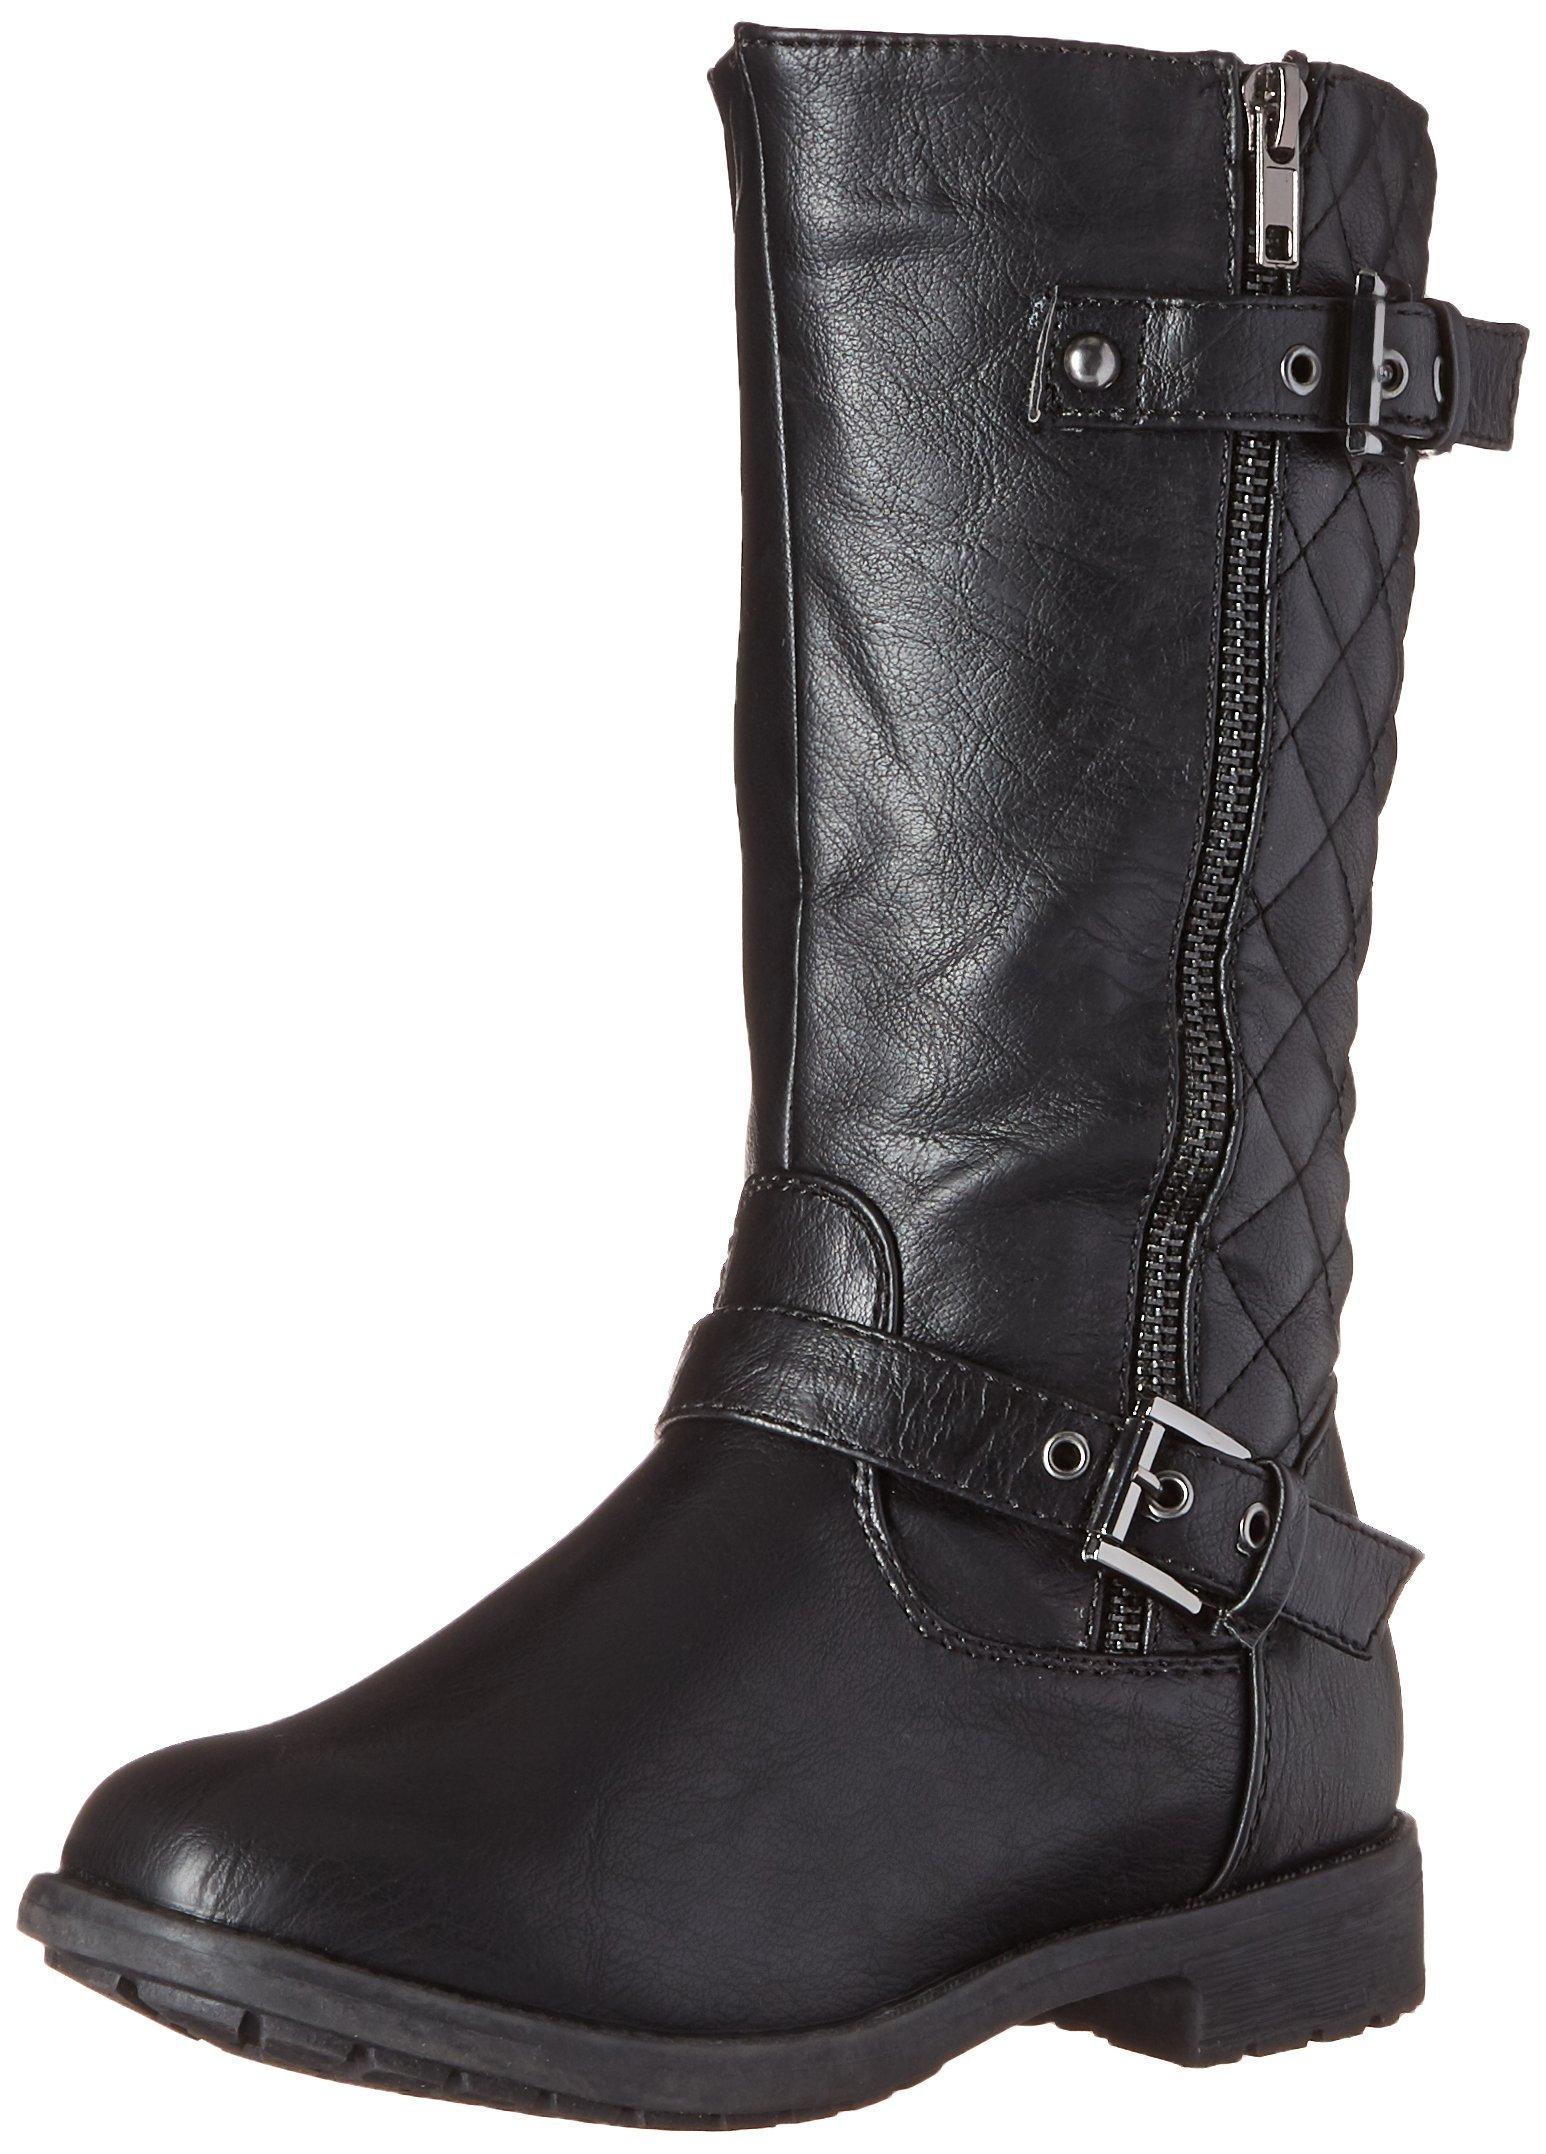 Lucky Top Girls Kids Pack-95K Riding Zipper Boots,Black,9